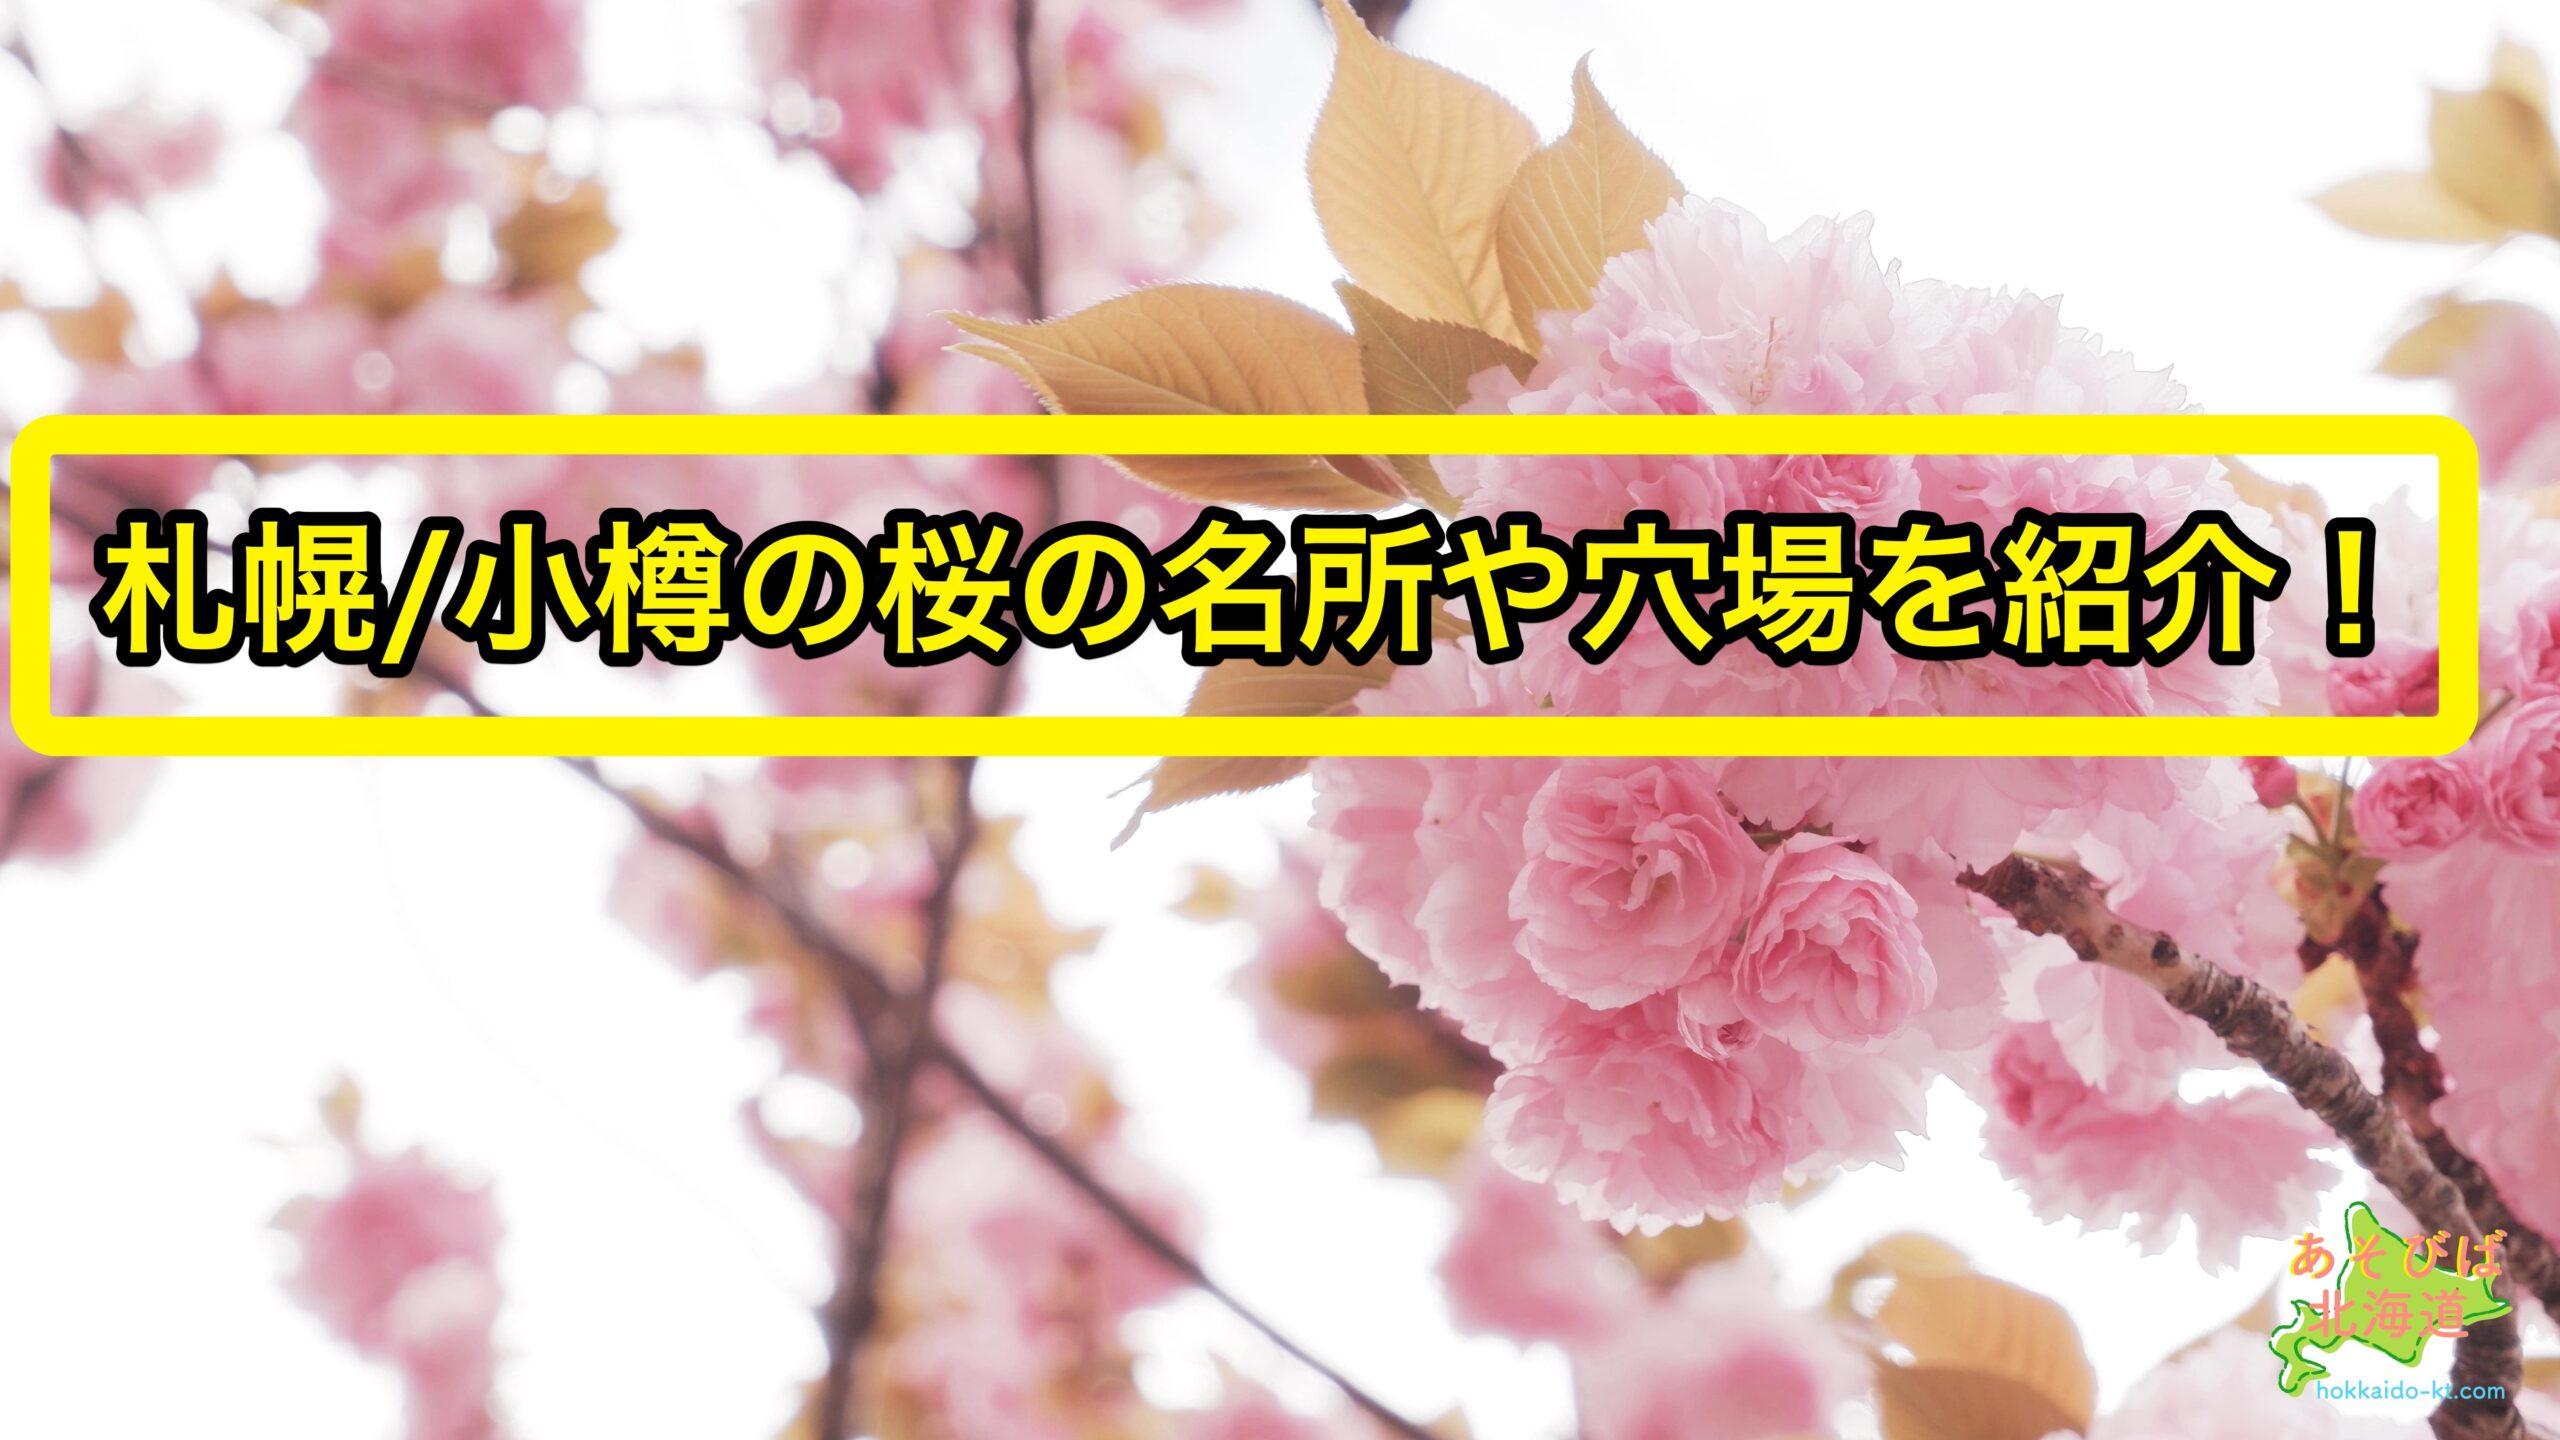 札幌、小樽の桜の名所